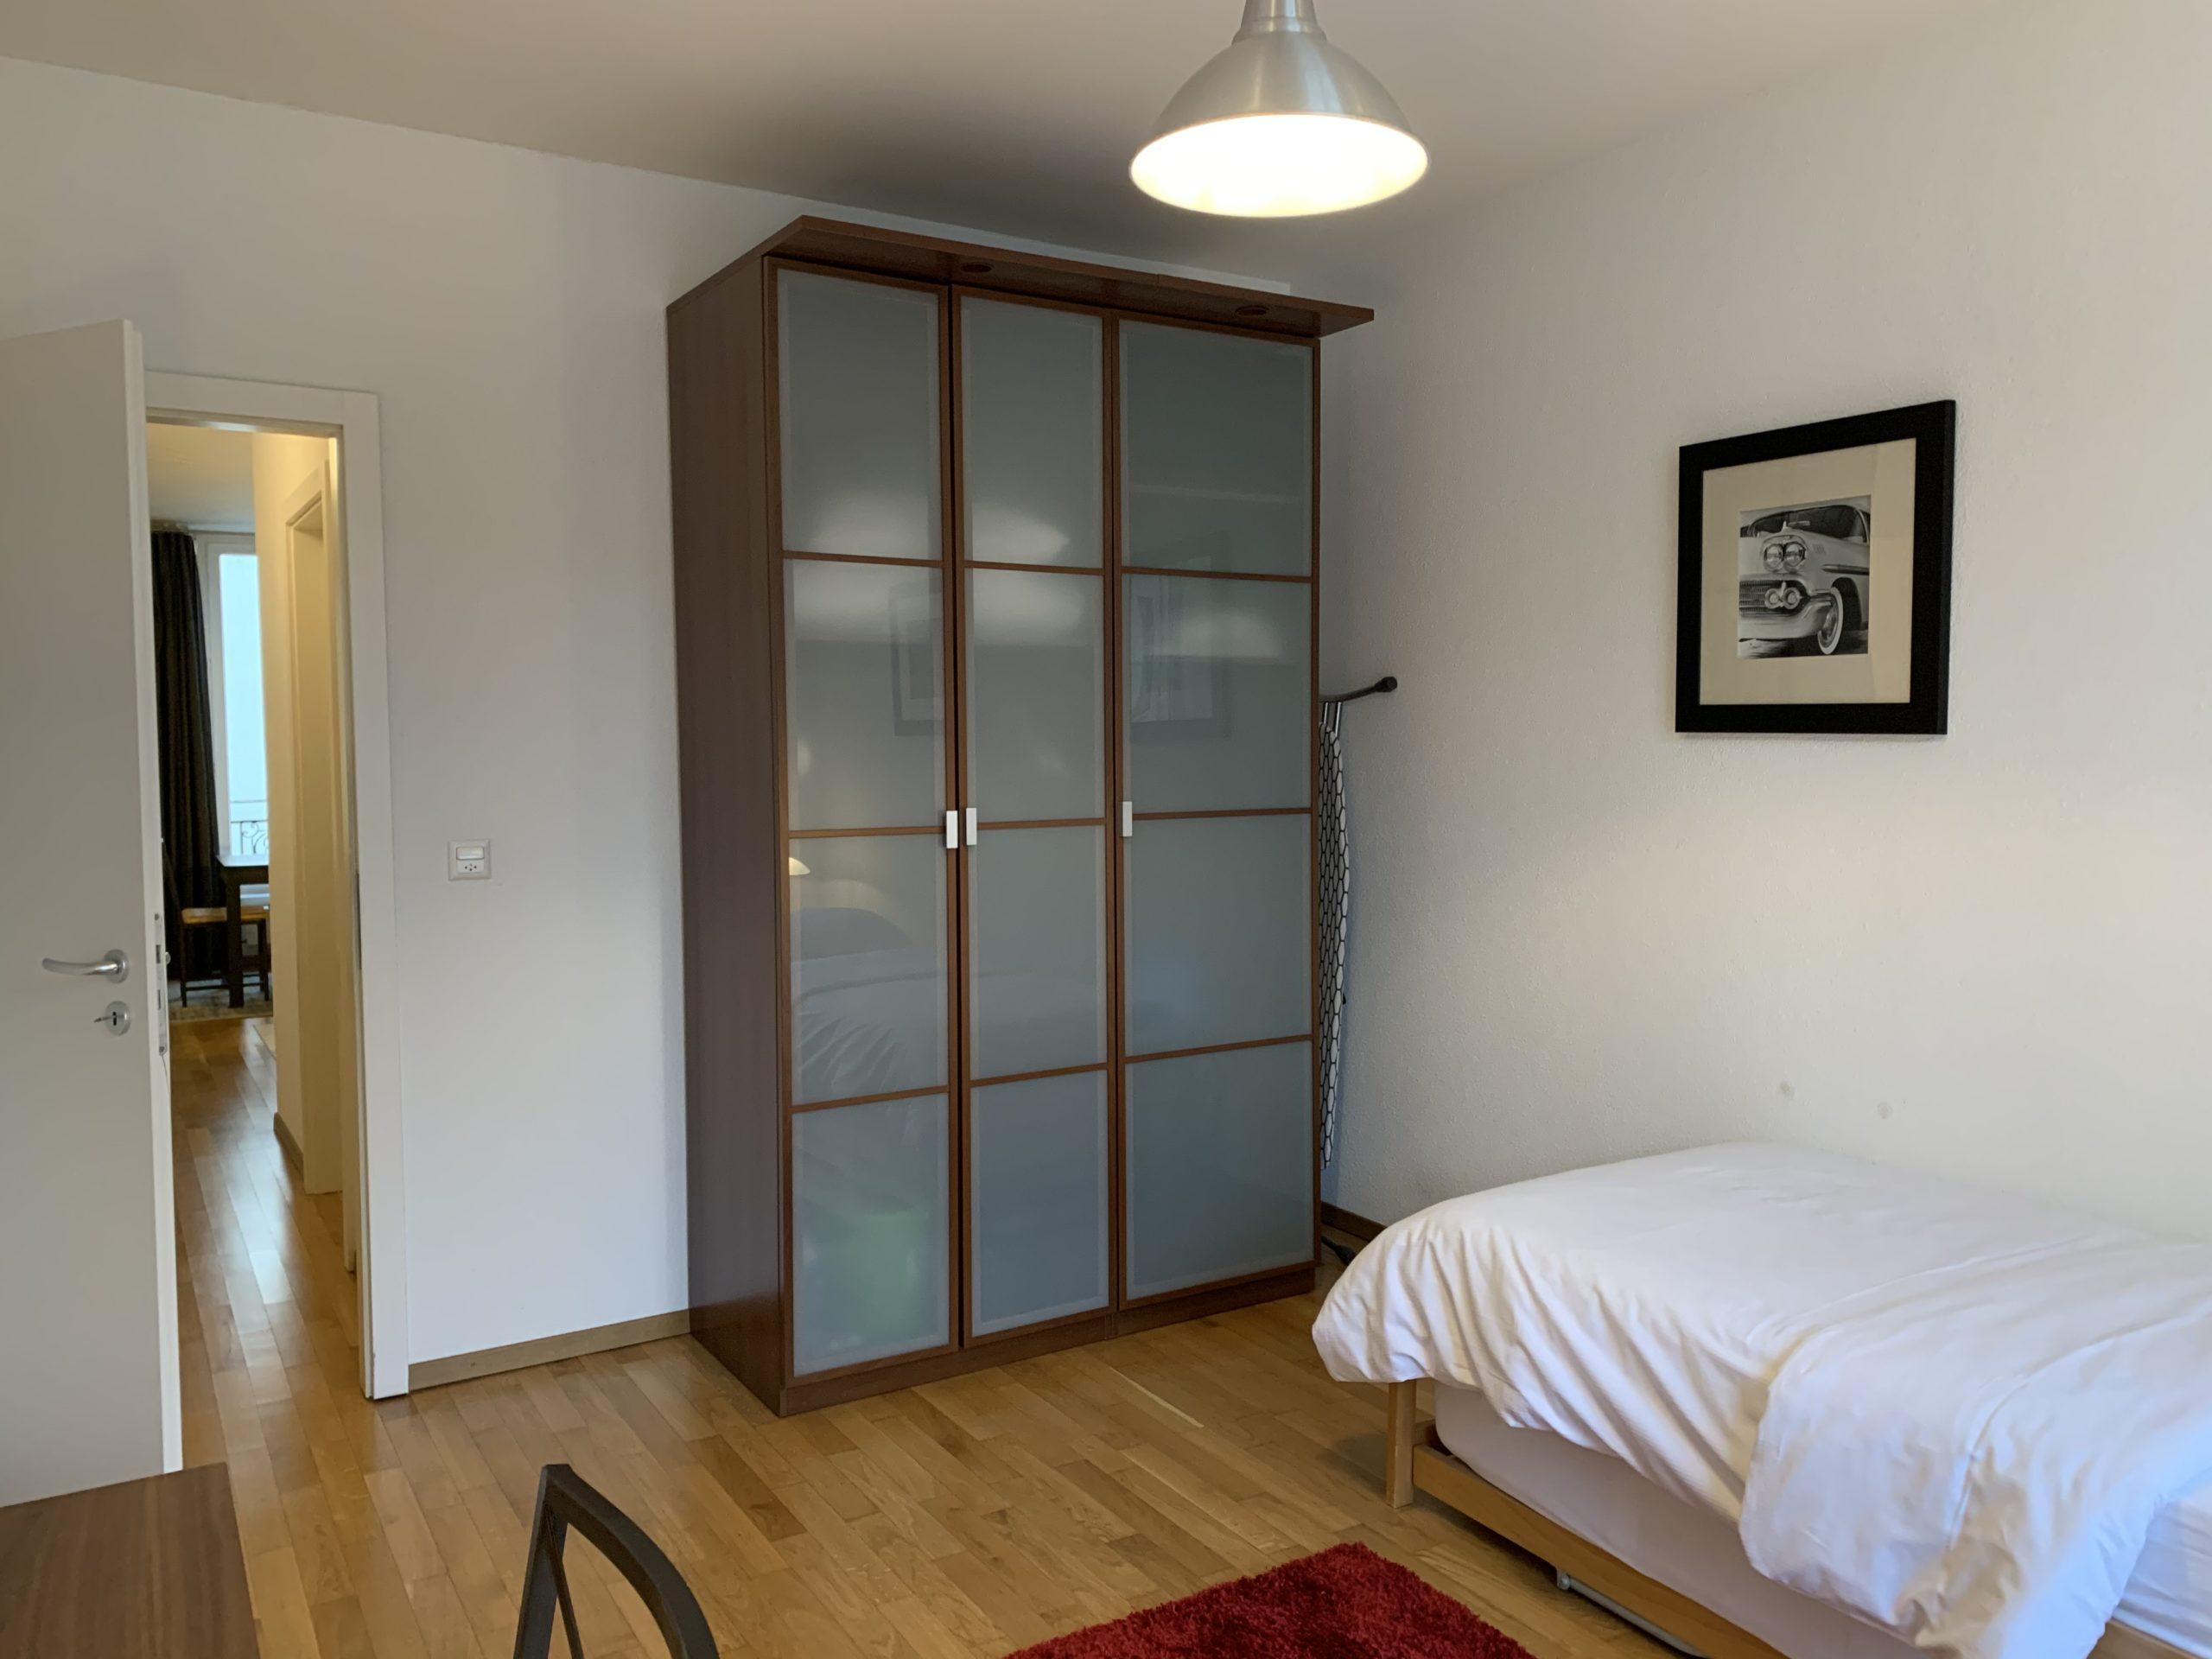 Ch. du Closelet 4, Lausanne - 3,5 pièces - Lot 21 24